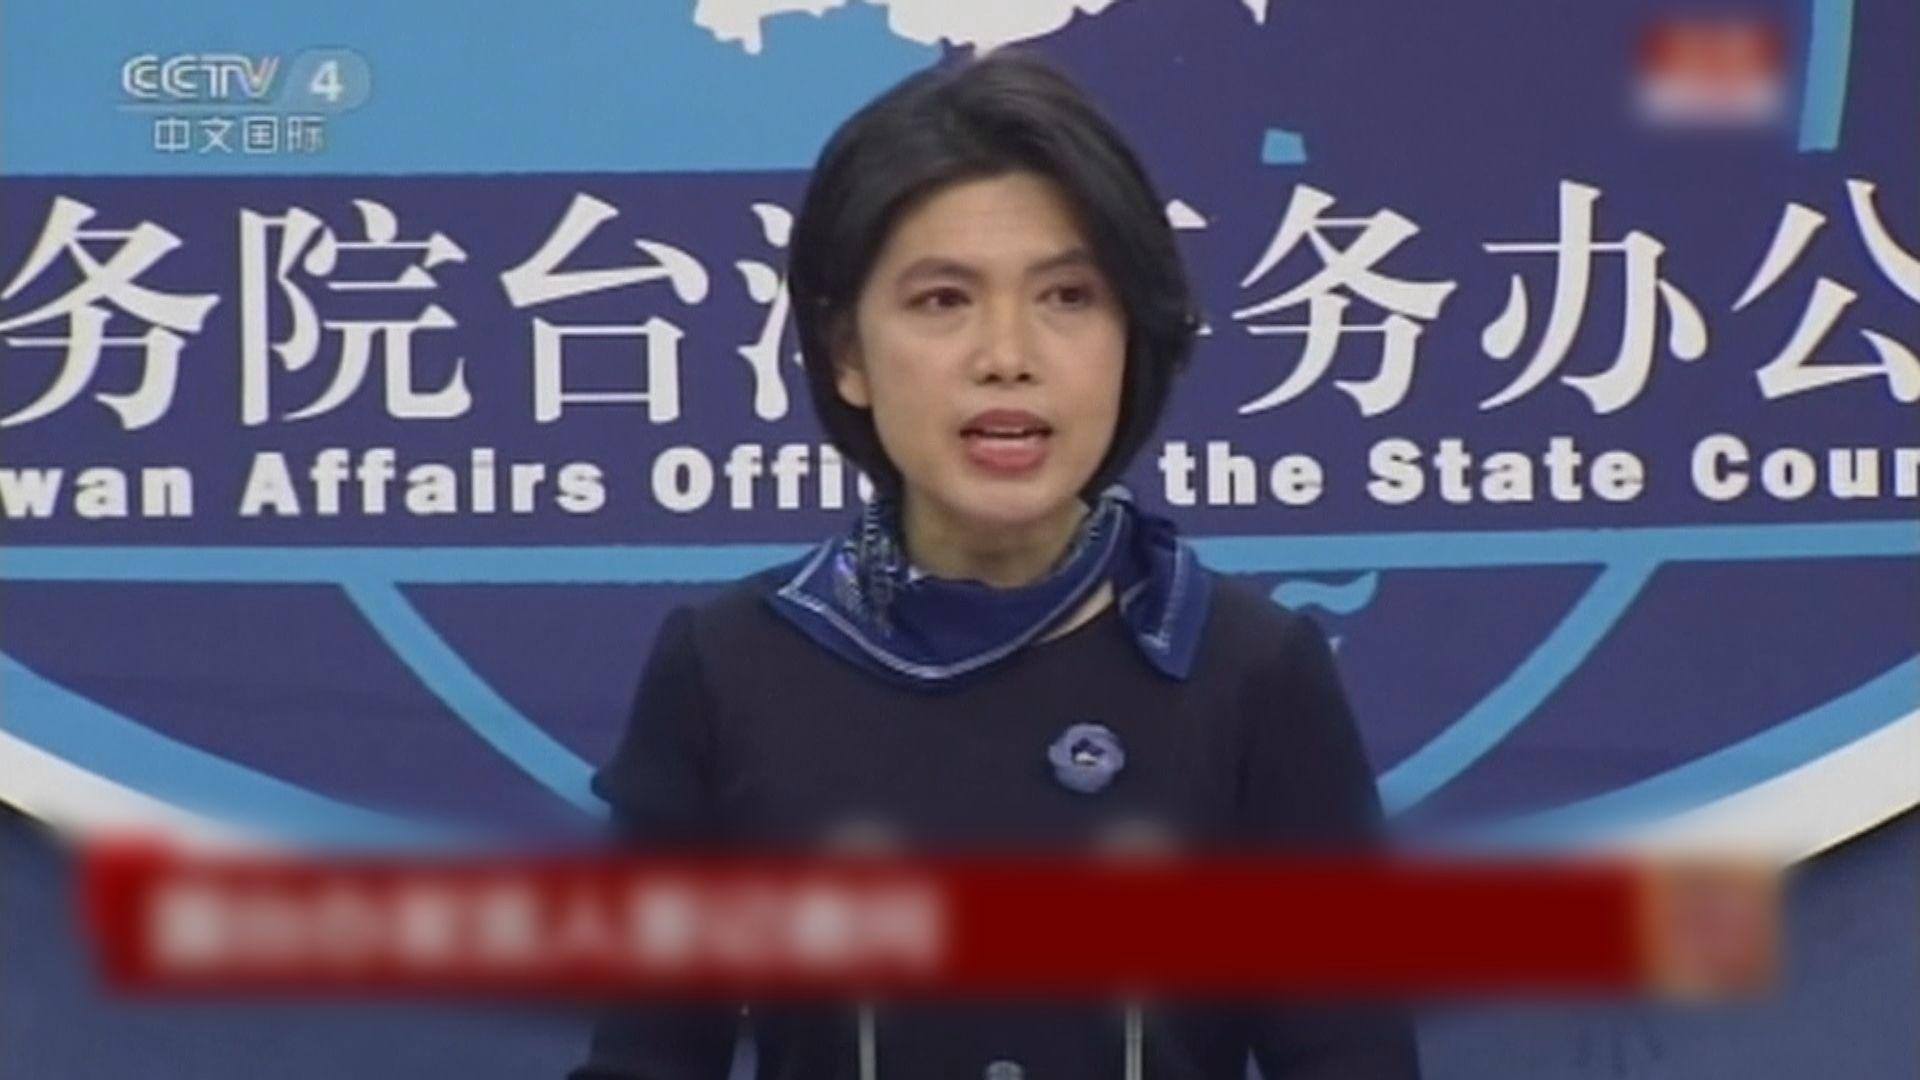 國台辦:維護國家主權意志堅定 不能承諾放棄使用武力